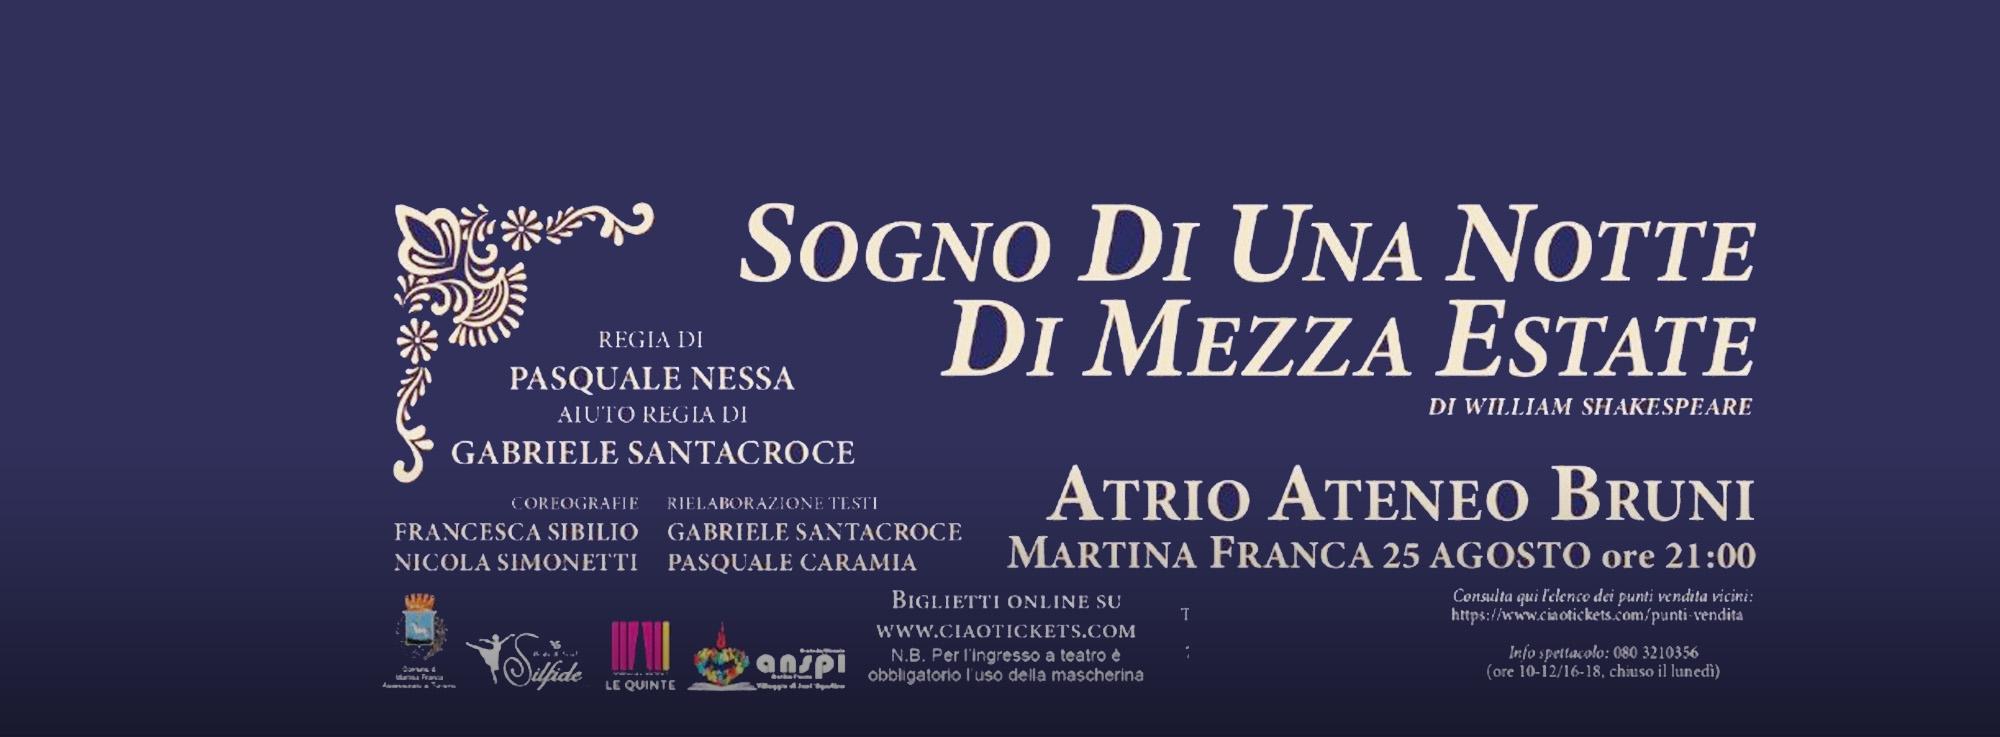 Martina Franca: Sogno di una notte di mezza estate